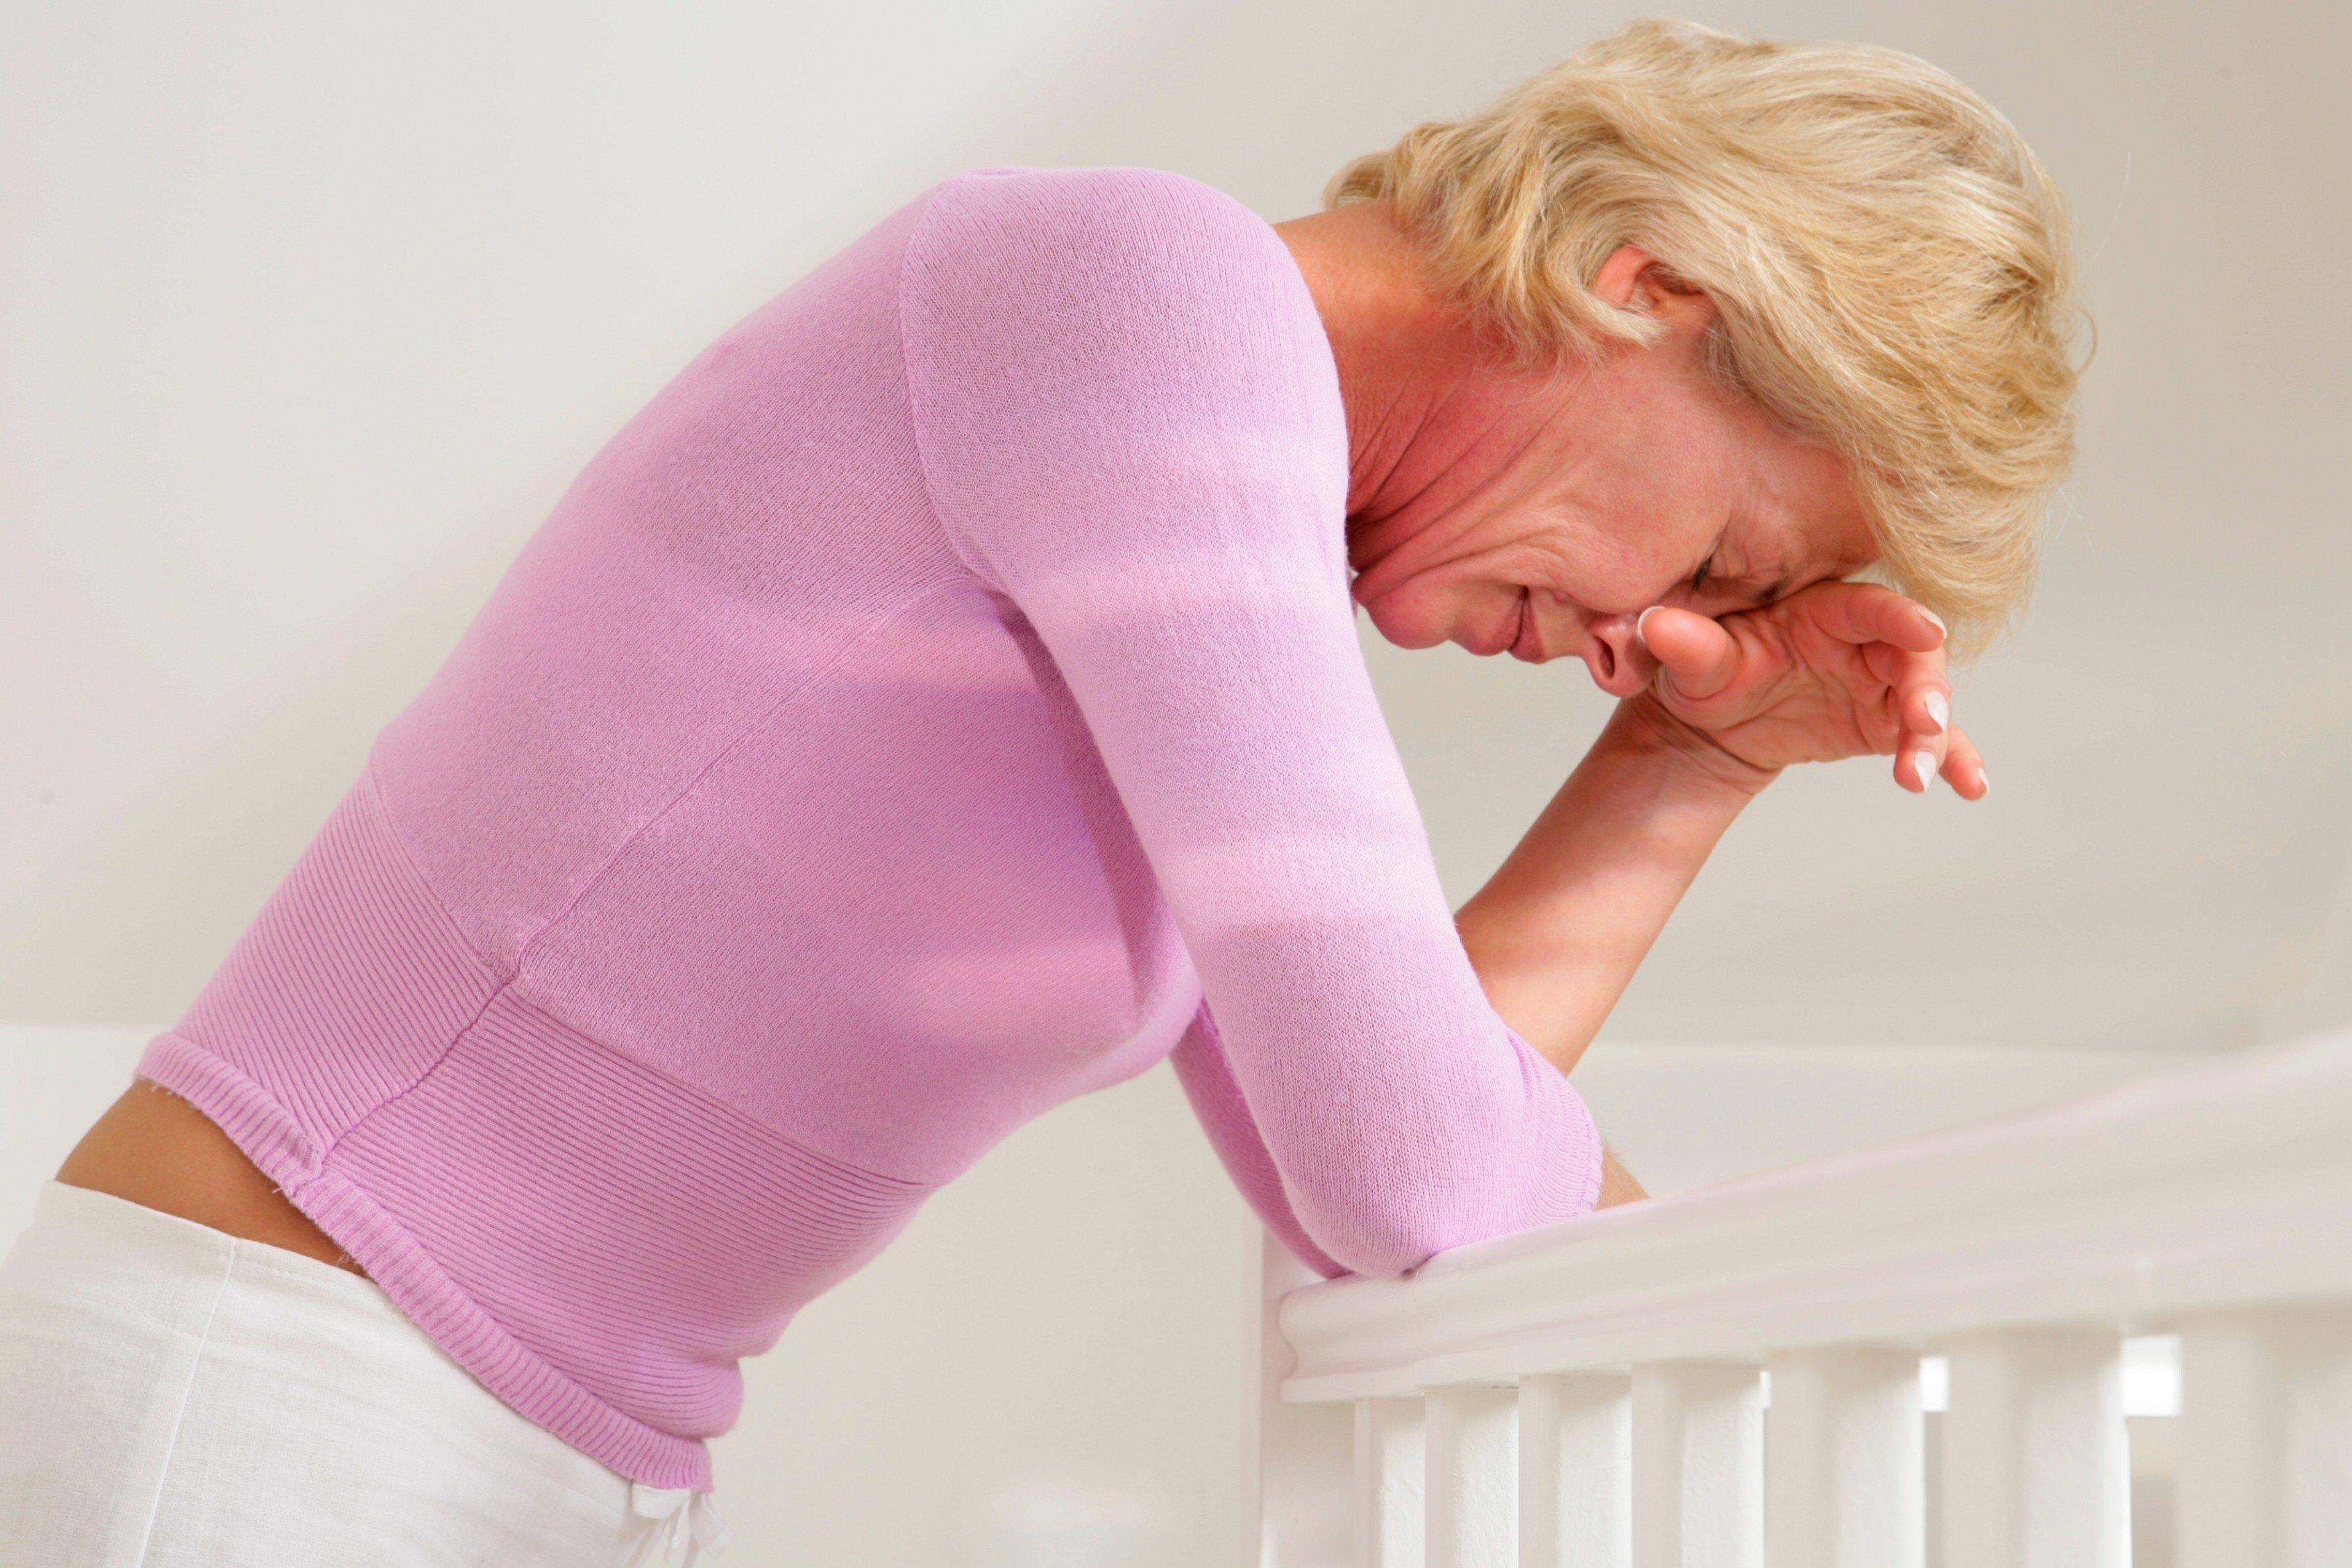 Závrať, bolest hlavy, migréna, mrtvice, cévní mozková příhoda. Ilustrační foto